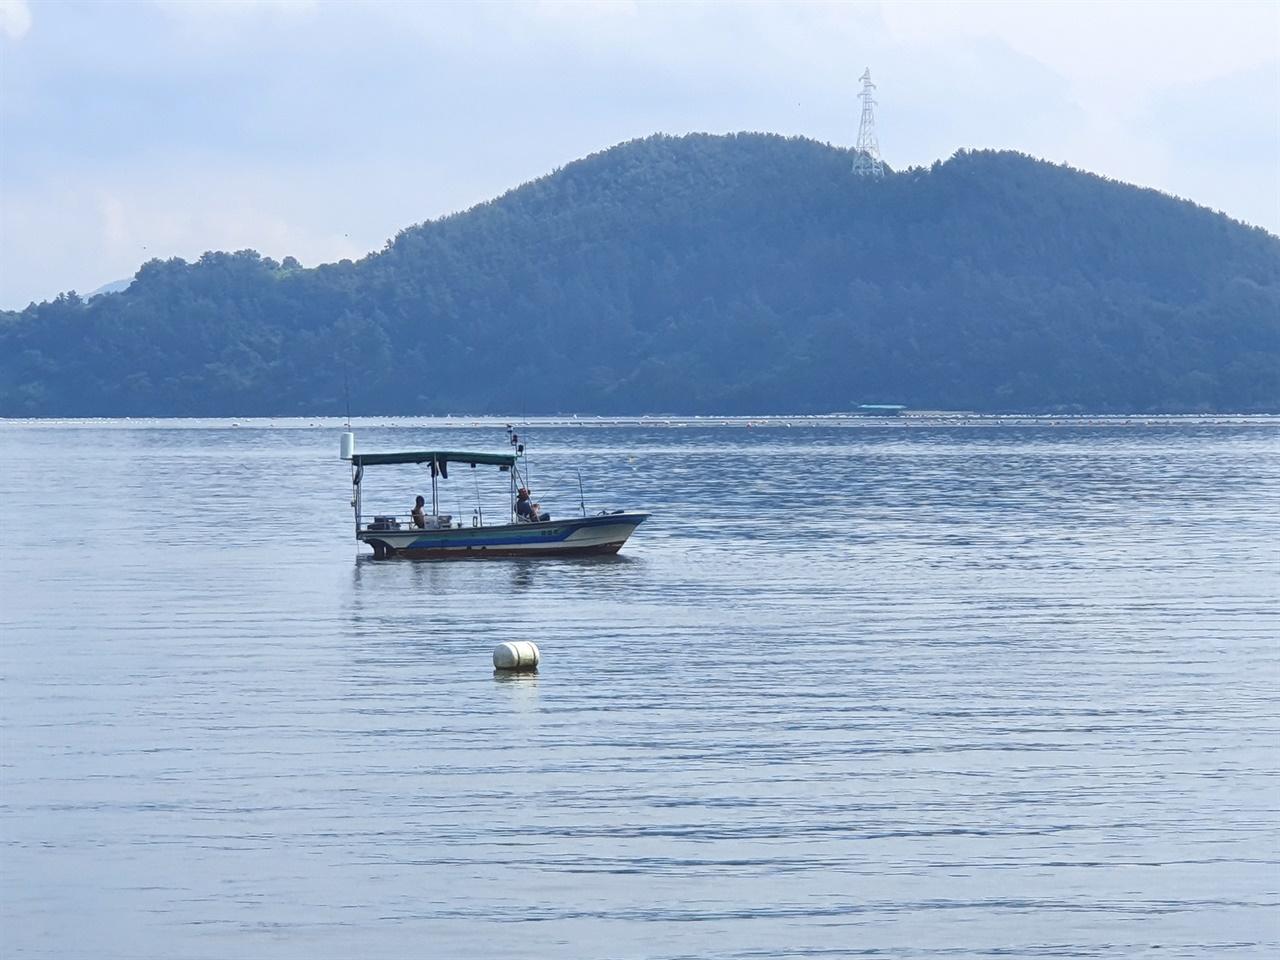 창포 바닷길에서 잔잔한 바다에 배를 띄우고 고기를 잡는 사람과 길다란 낚싯대를 드리워놓고 여유를 즐기는 사람들을 만난다. 망망대해 거칠 것 없는 바다와는 또다른 묘한 매력이 있다.